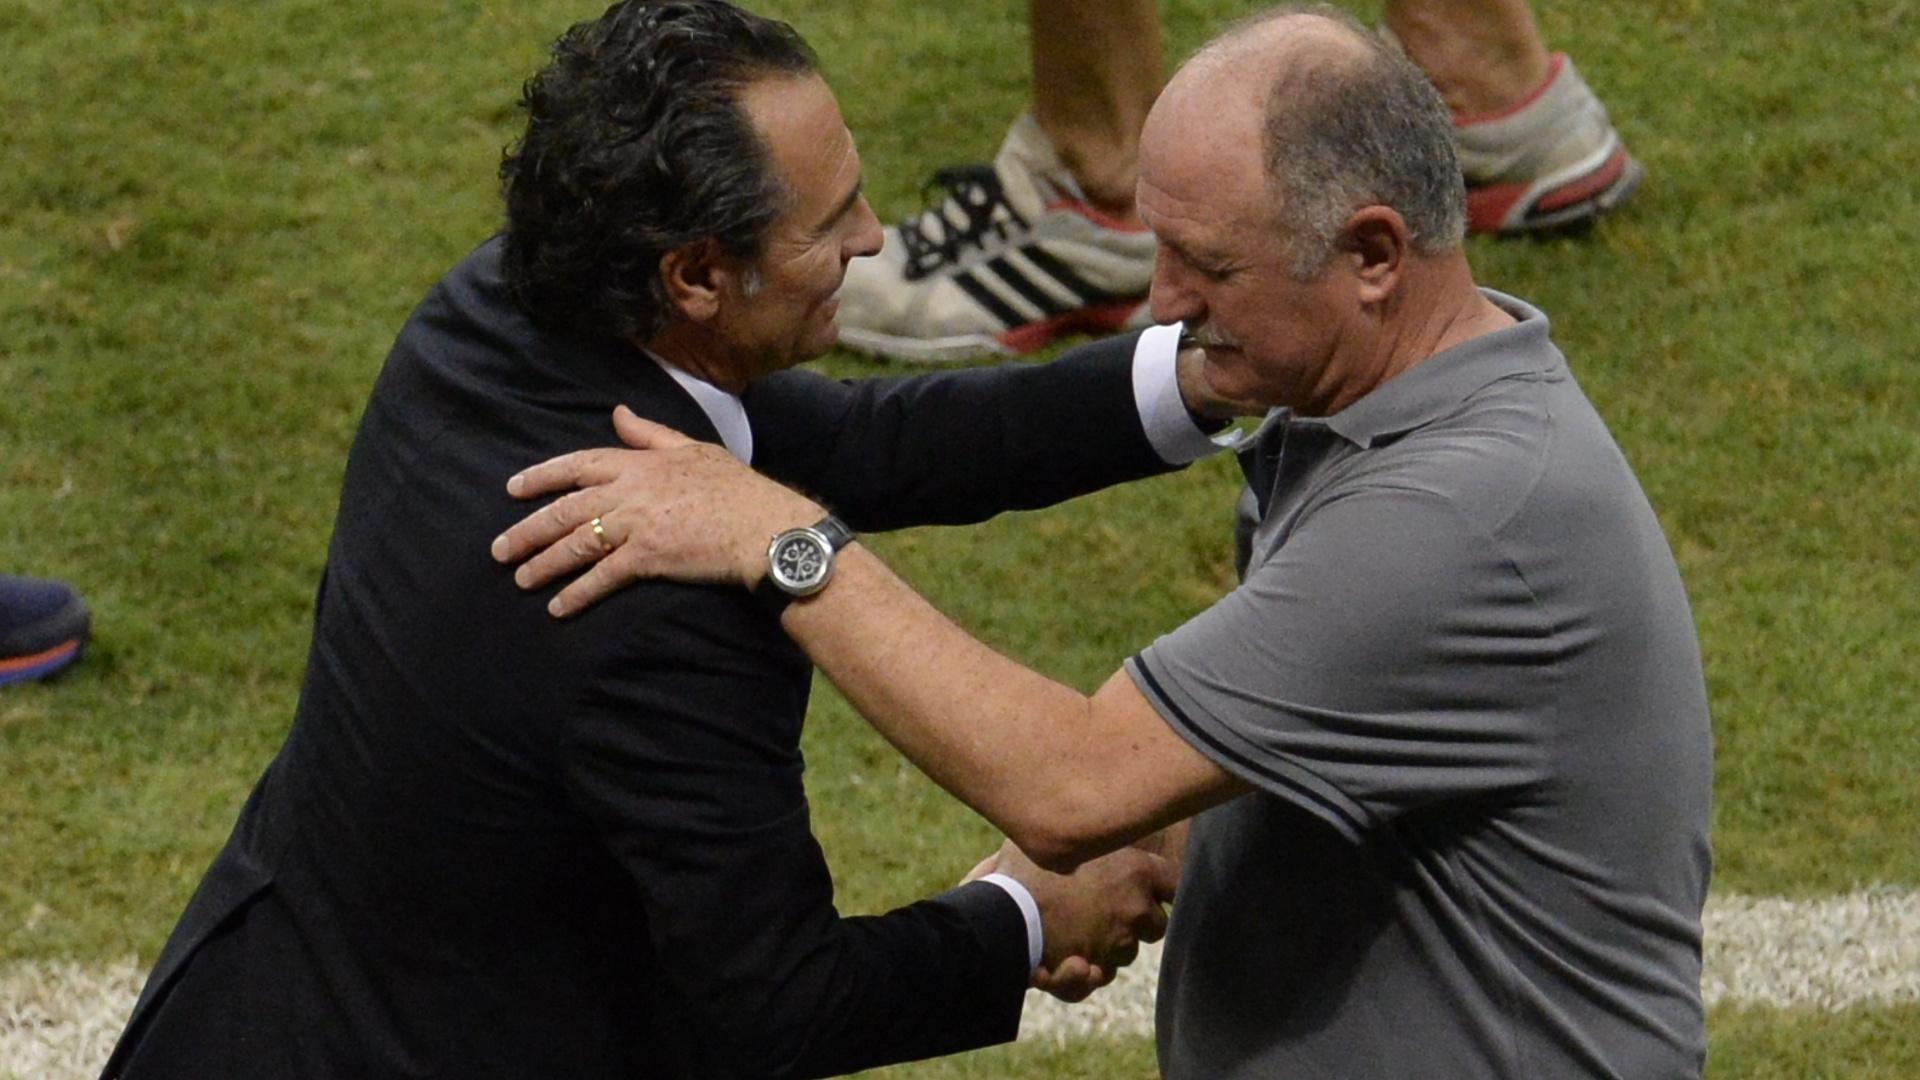 22.jun.2013 - Os técnicos Cesare Prandelli e Luiz Felipe Scolari se cumprimentam após a vitória por 4 a 2 do Brasil sobre a Itália na Fonte Nova pela Copa das Confederações